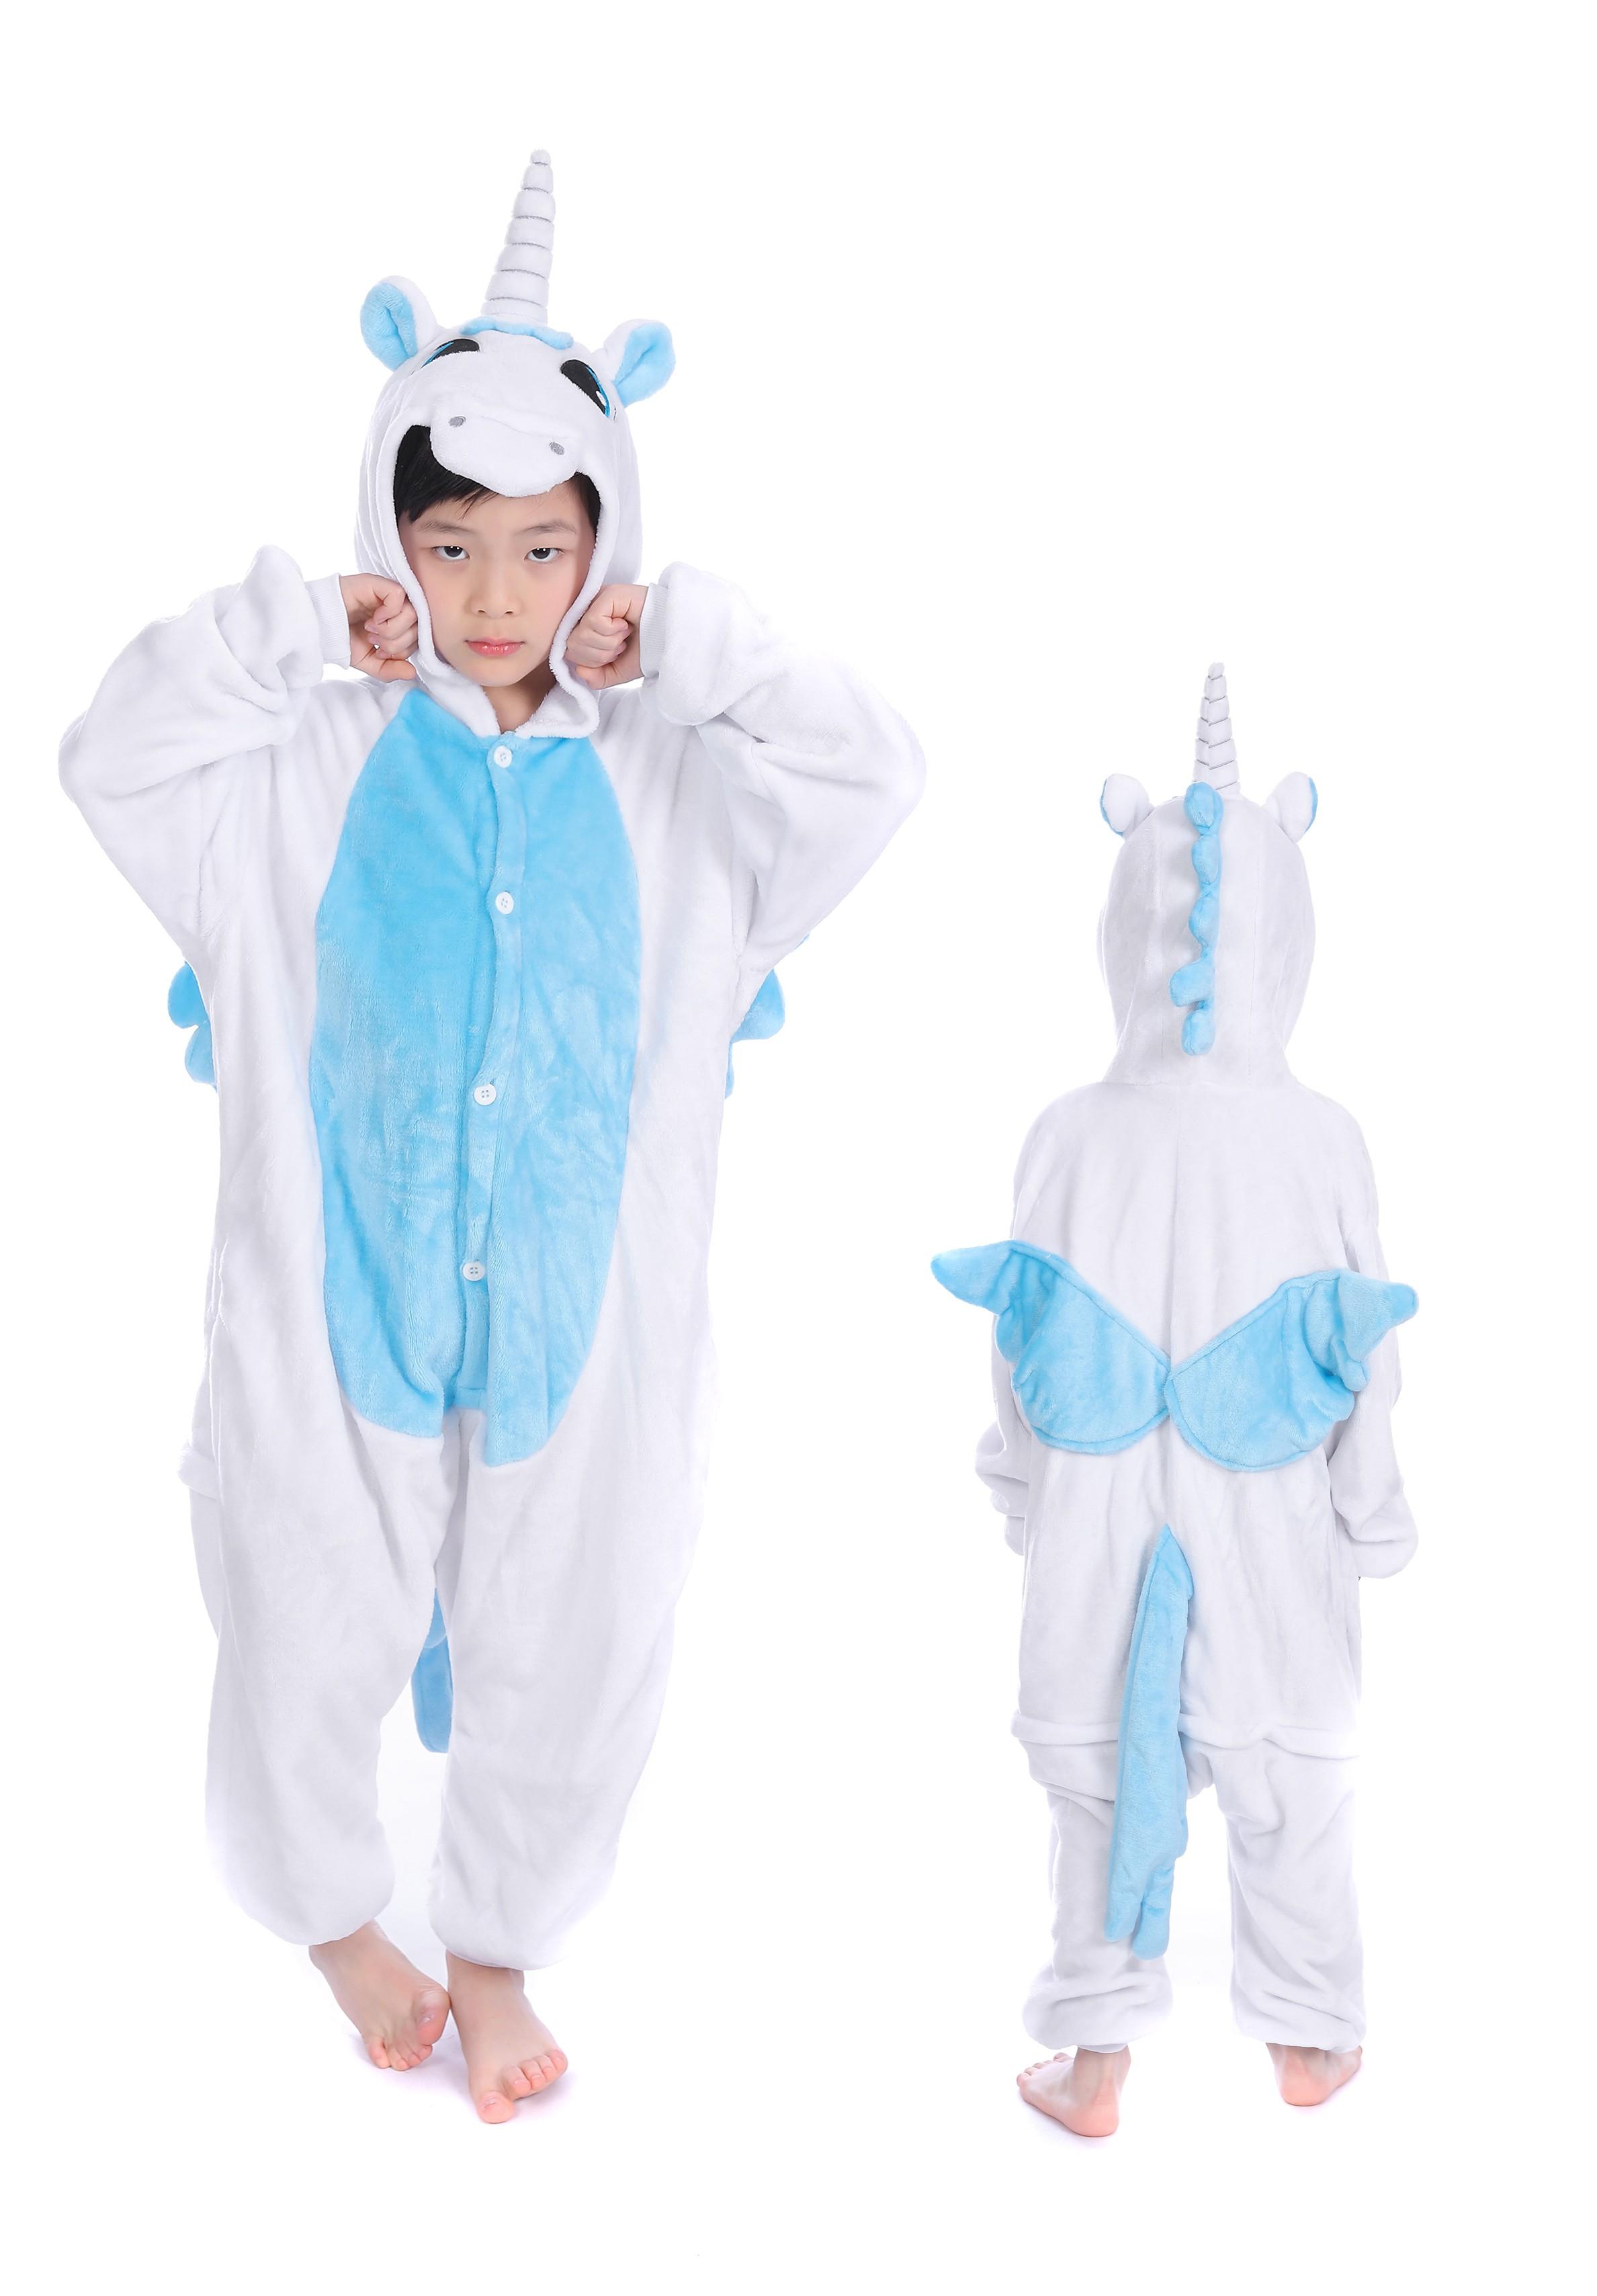 Kids Unicorn Onesie Kigurumi Pajamas Kids Animal Costumes for Unisex Children